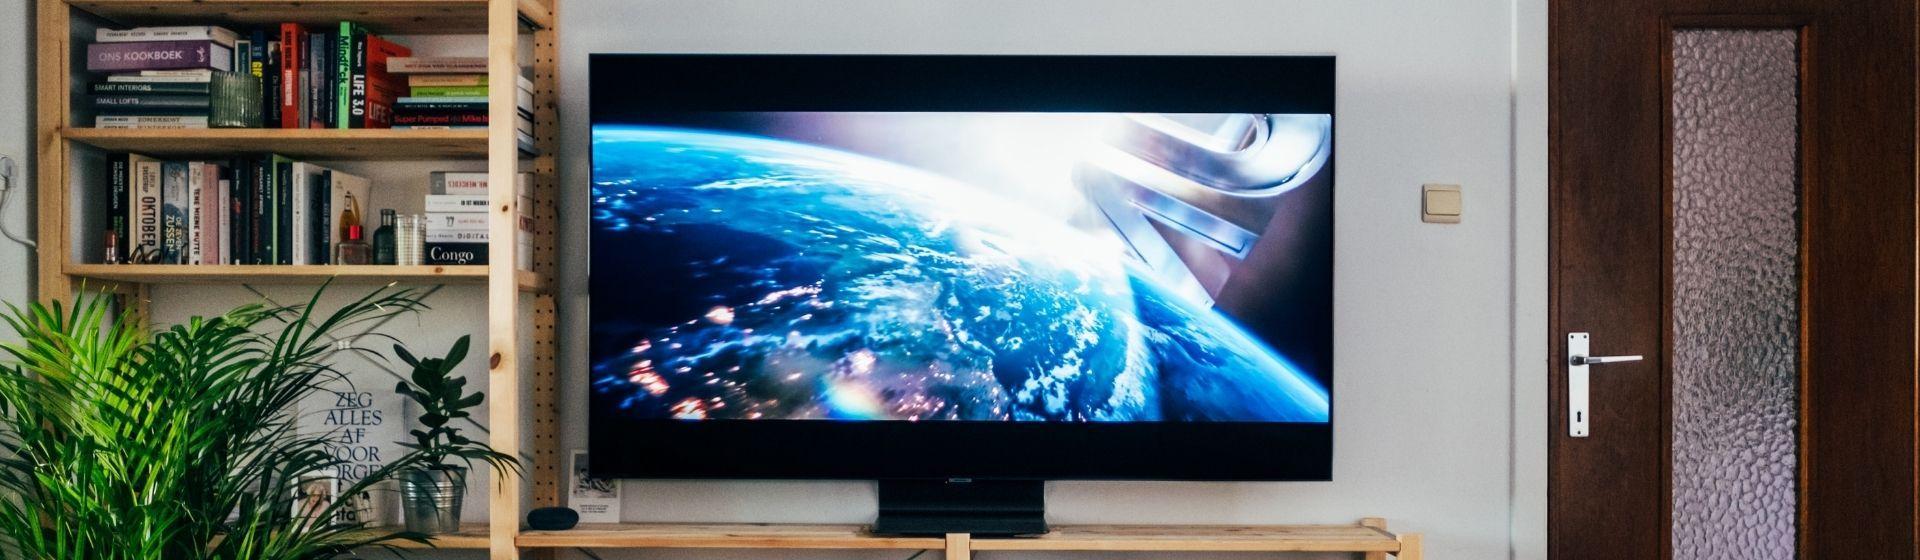 TVs mais vendidas em setembro 2020: Samsung TU8000 segue na liderança!